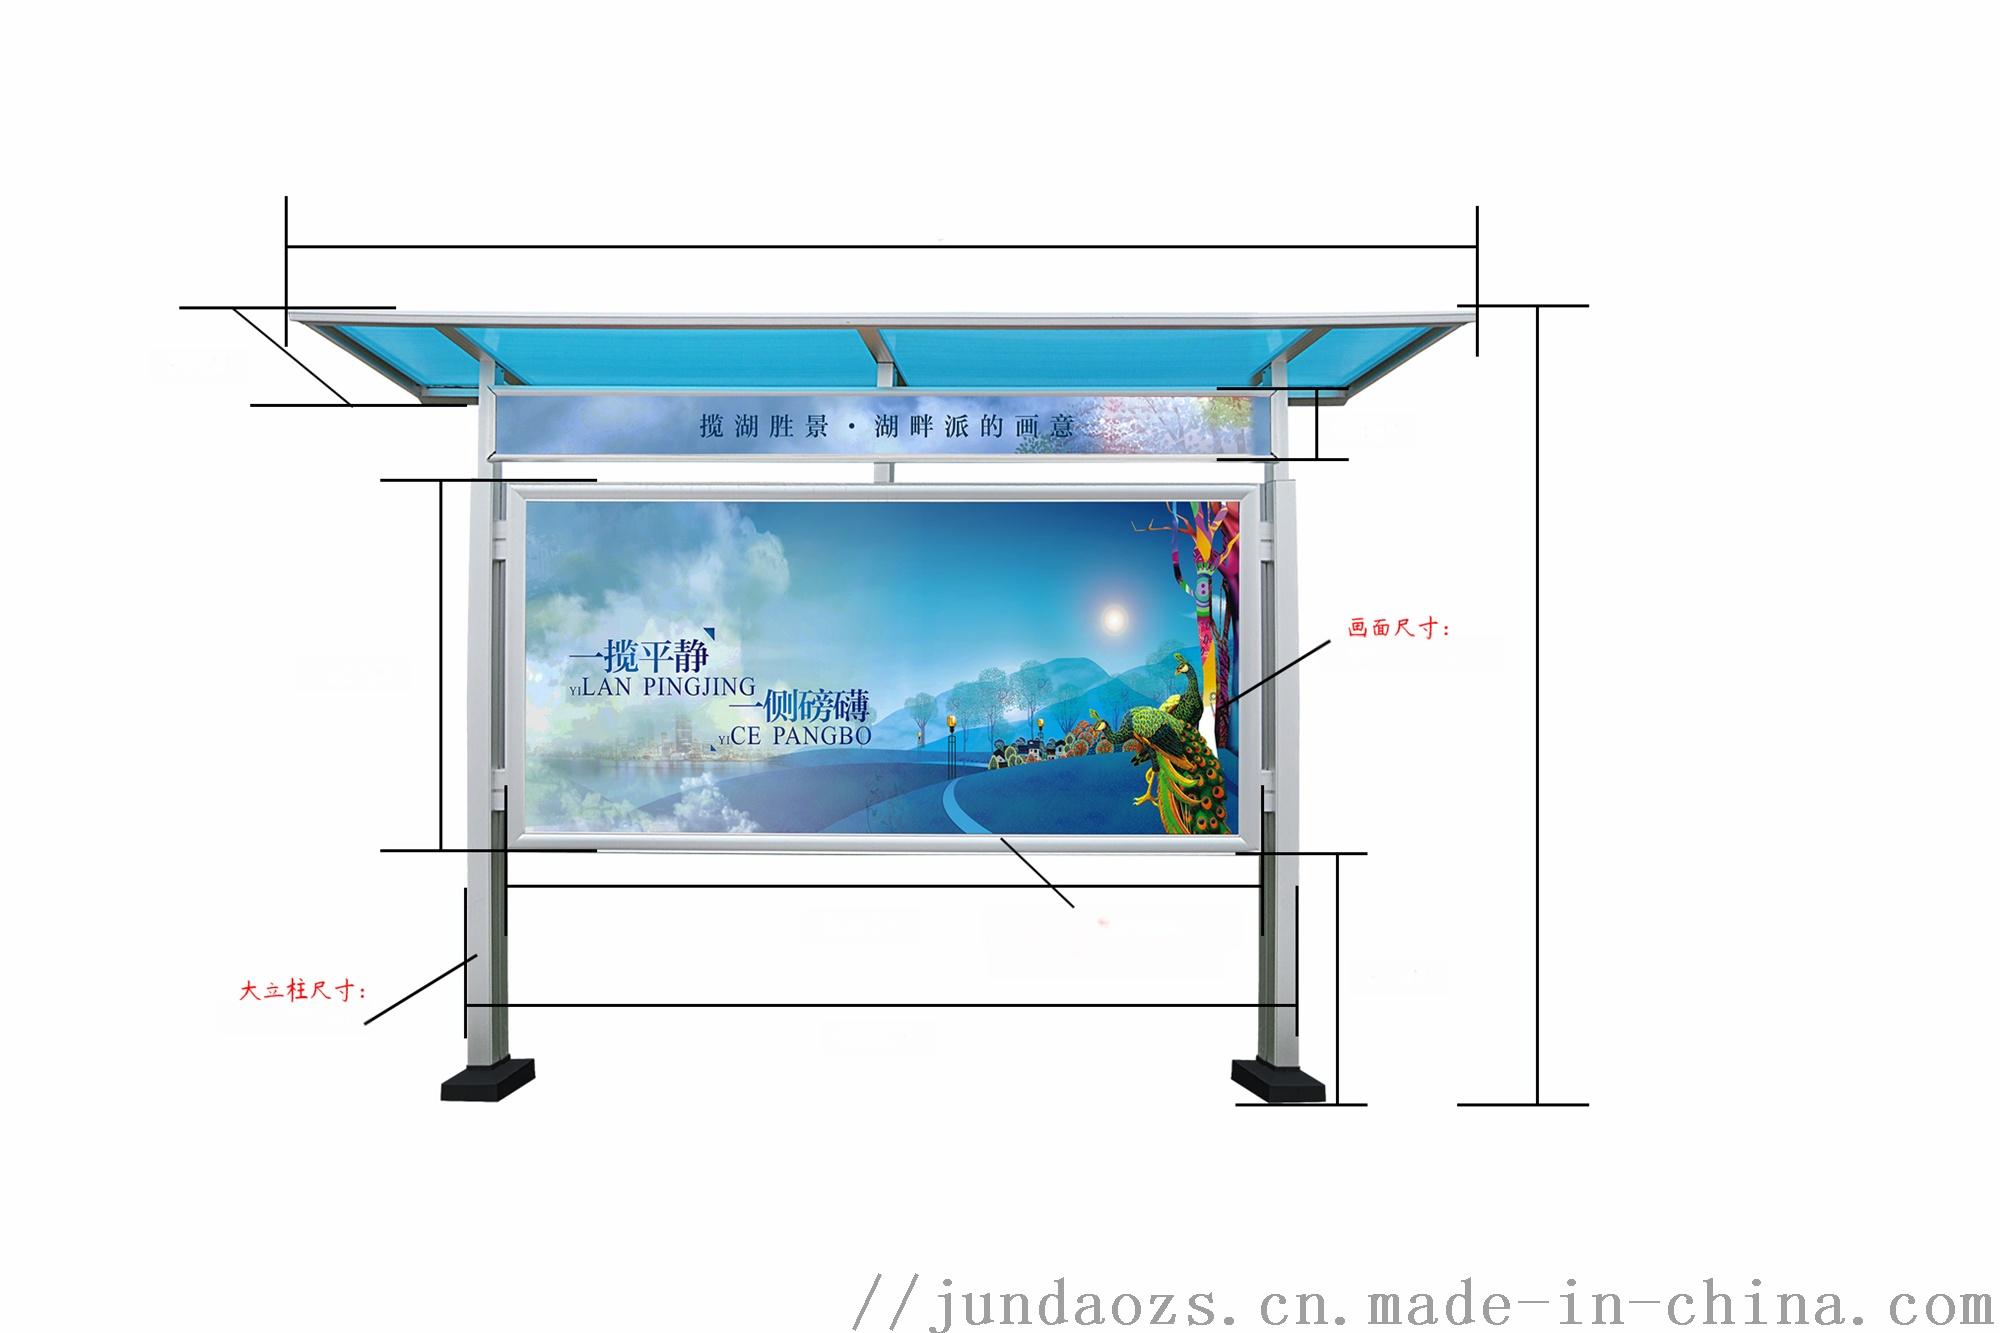 南通户面中国梦宣传栏怎么做126073885